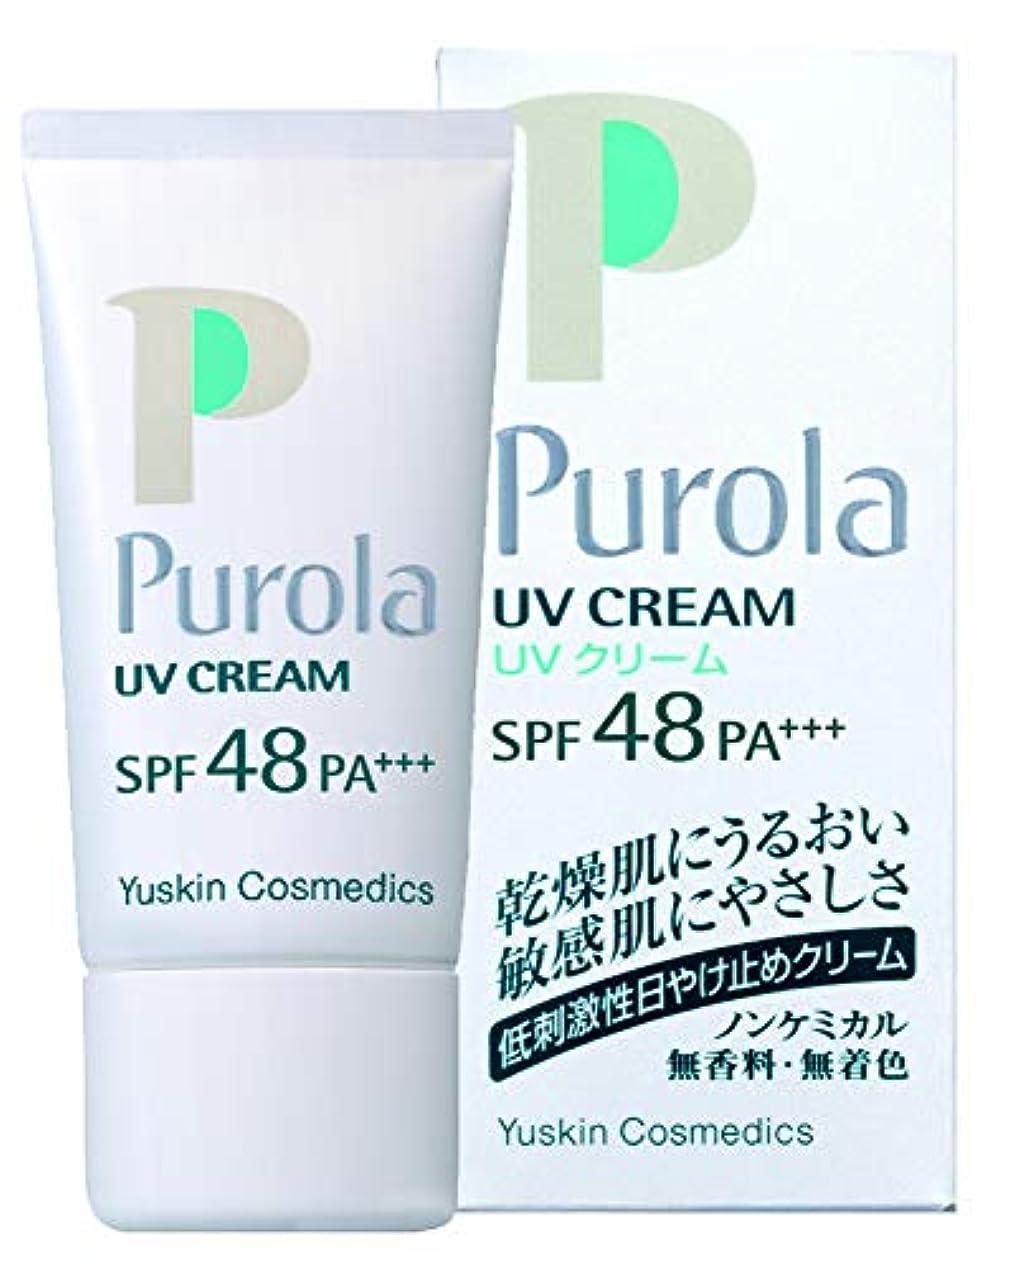 思い出ご近所スクラッププローラ UVクリーム 30g SPF48 PA+++ (敏感肌用 日焼け止め)